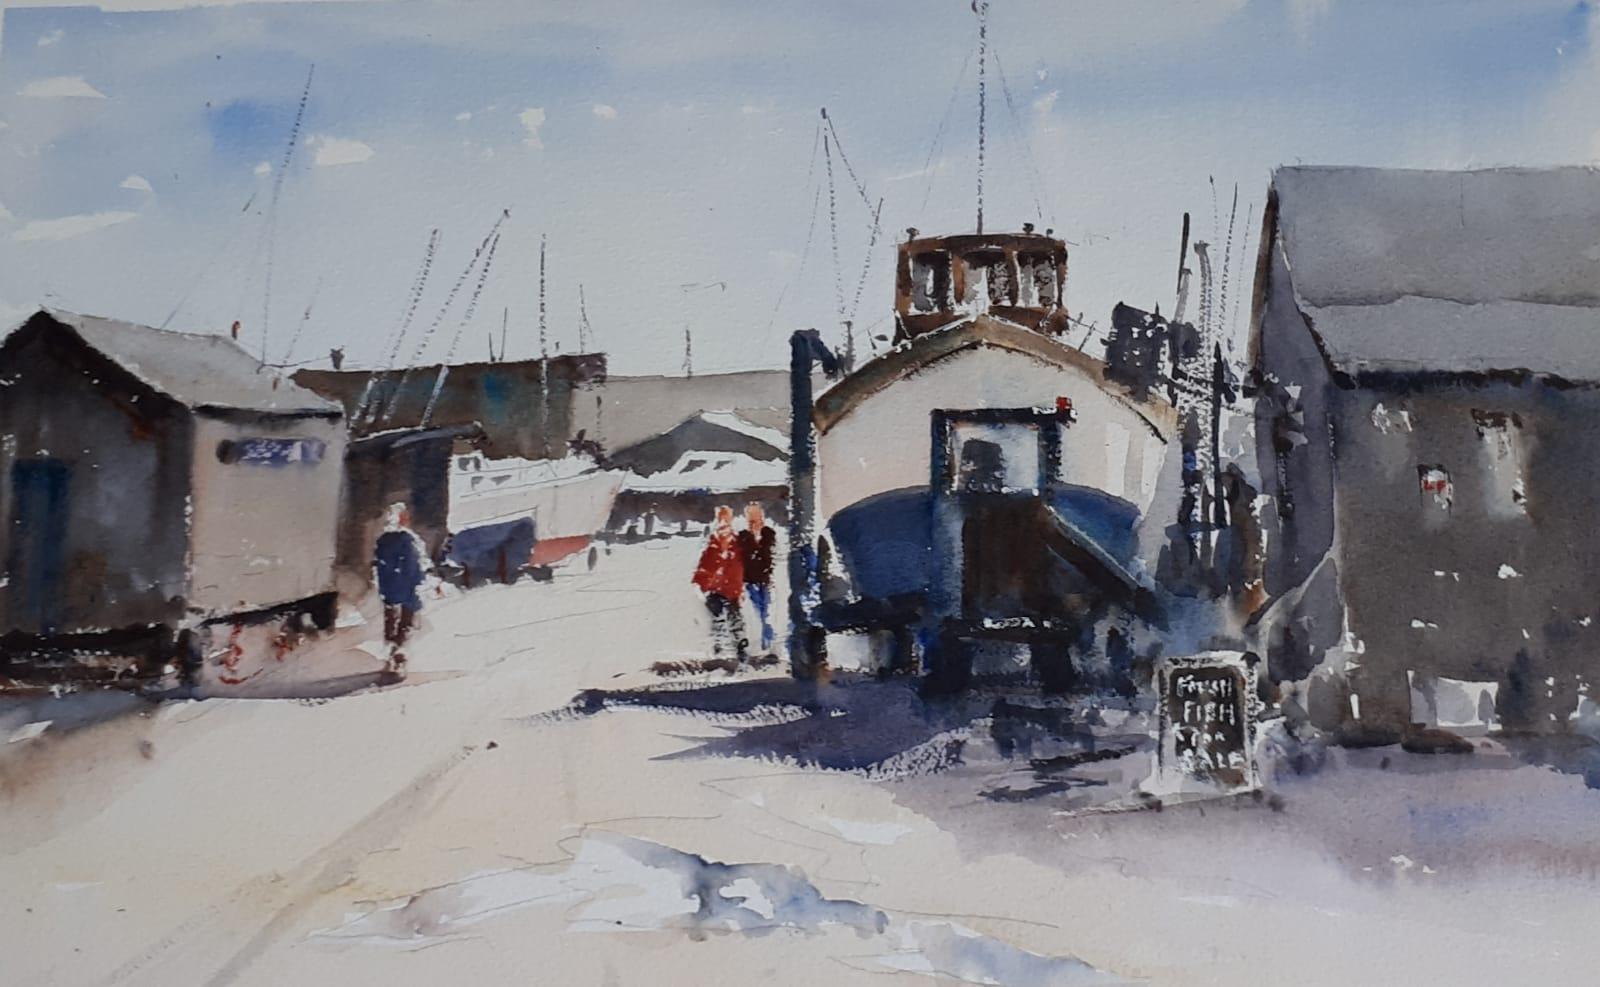 BLACKSHORE SOUTHWOLD: 28 x 45cm: Watercolour